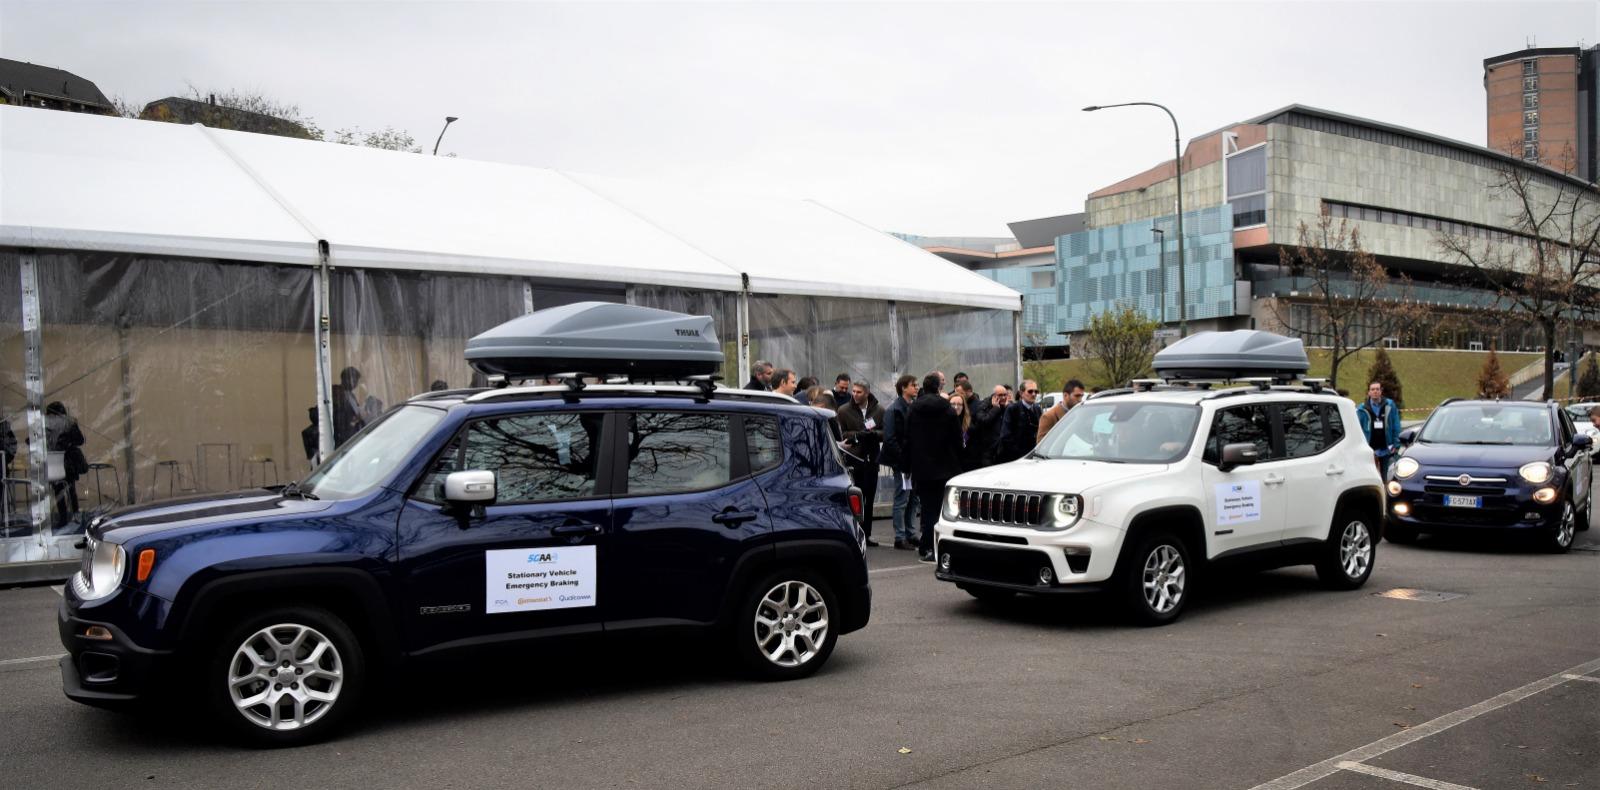 FCA 5G 2 - Tecnologia. Connected car. FCA: auto hub di servizi integrati come smartphone. 5G può rendere auto più intelligenti e sicure